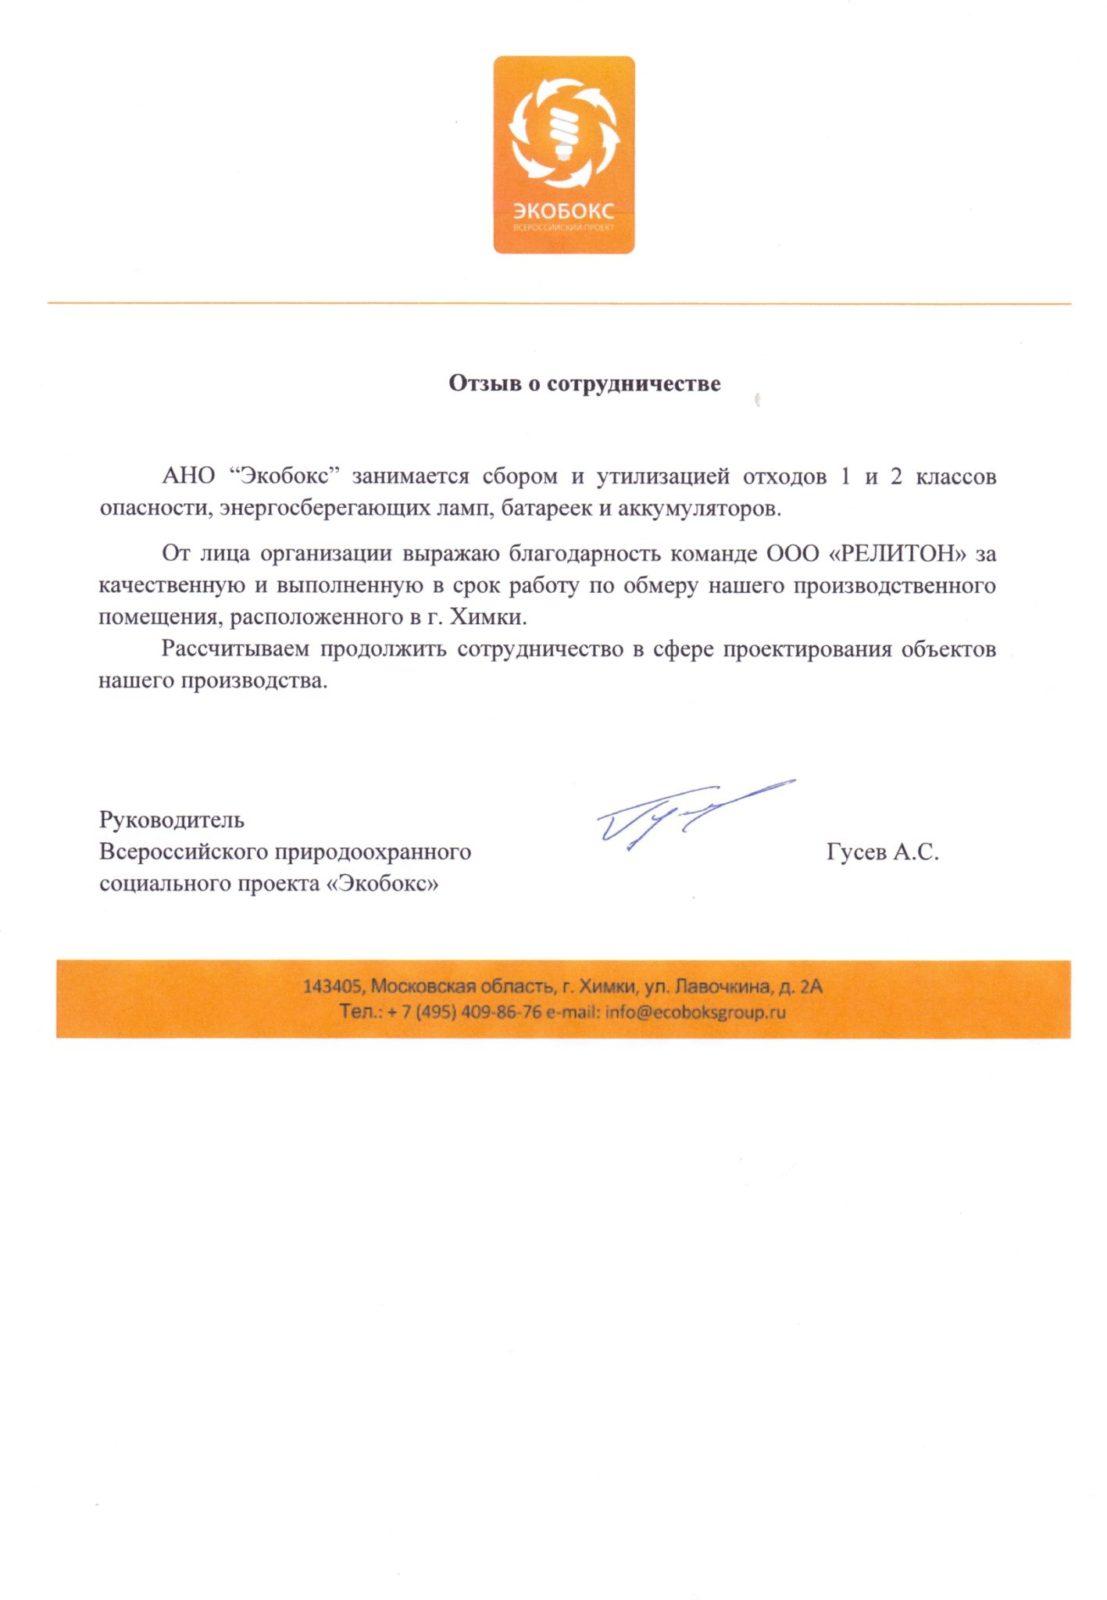 Otzyv-o-sotrudnichestve-s-kompaniej-reliton-ot-ANO-Ekoboks.jpg